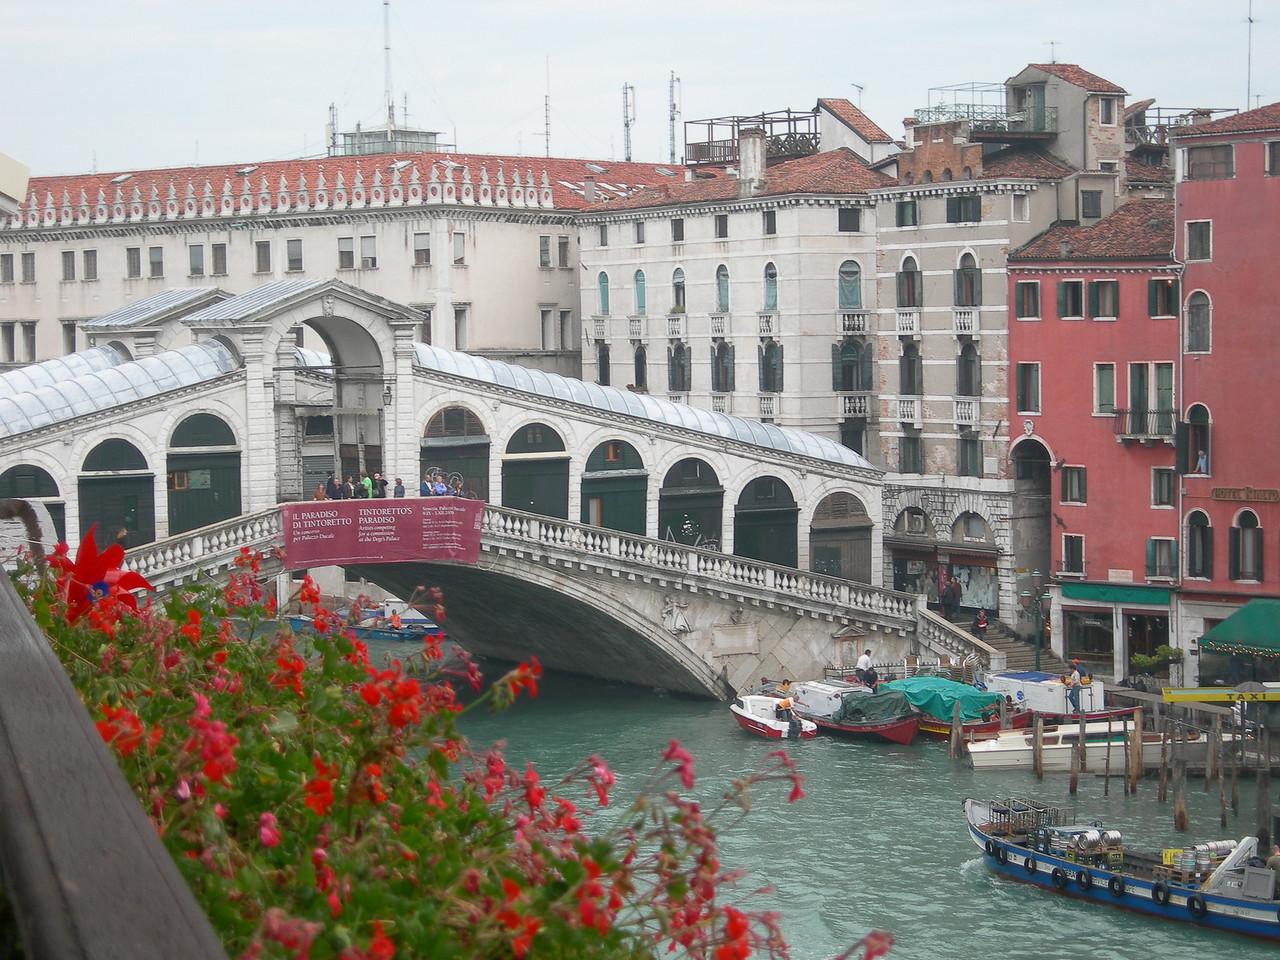 Venice hotel view - Rialto bridge